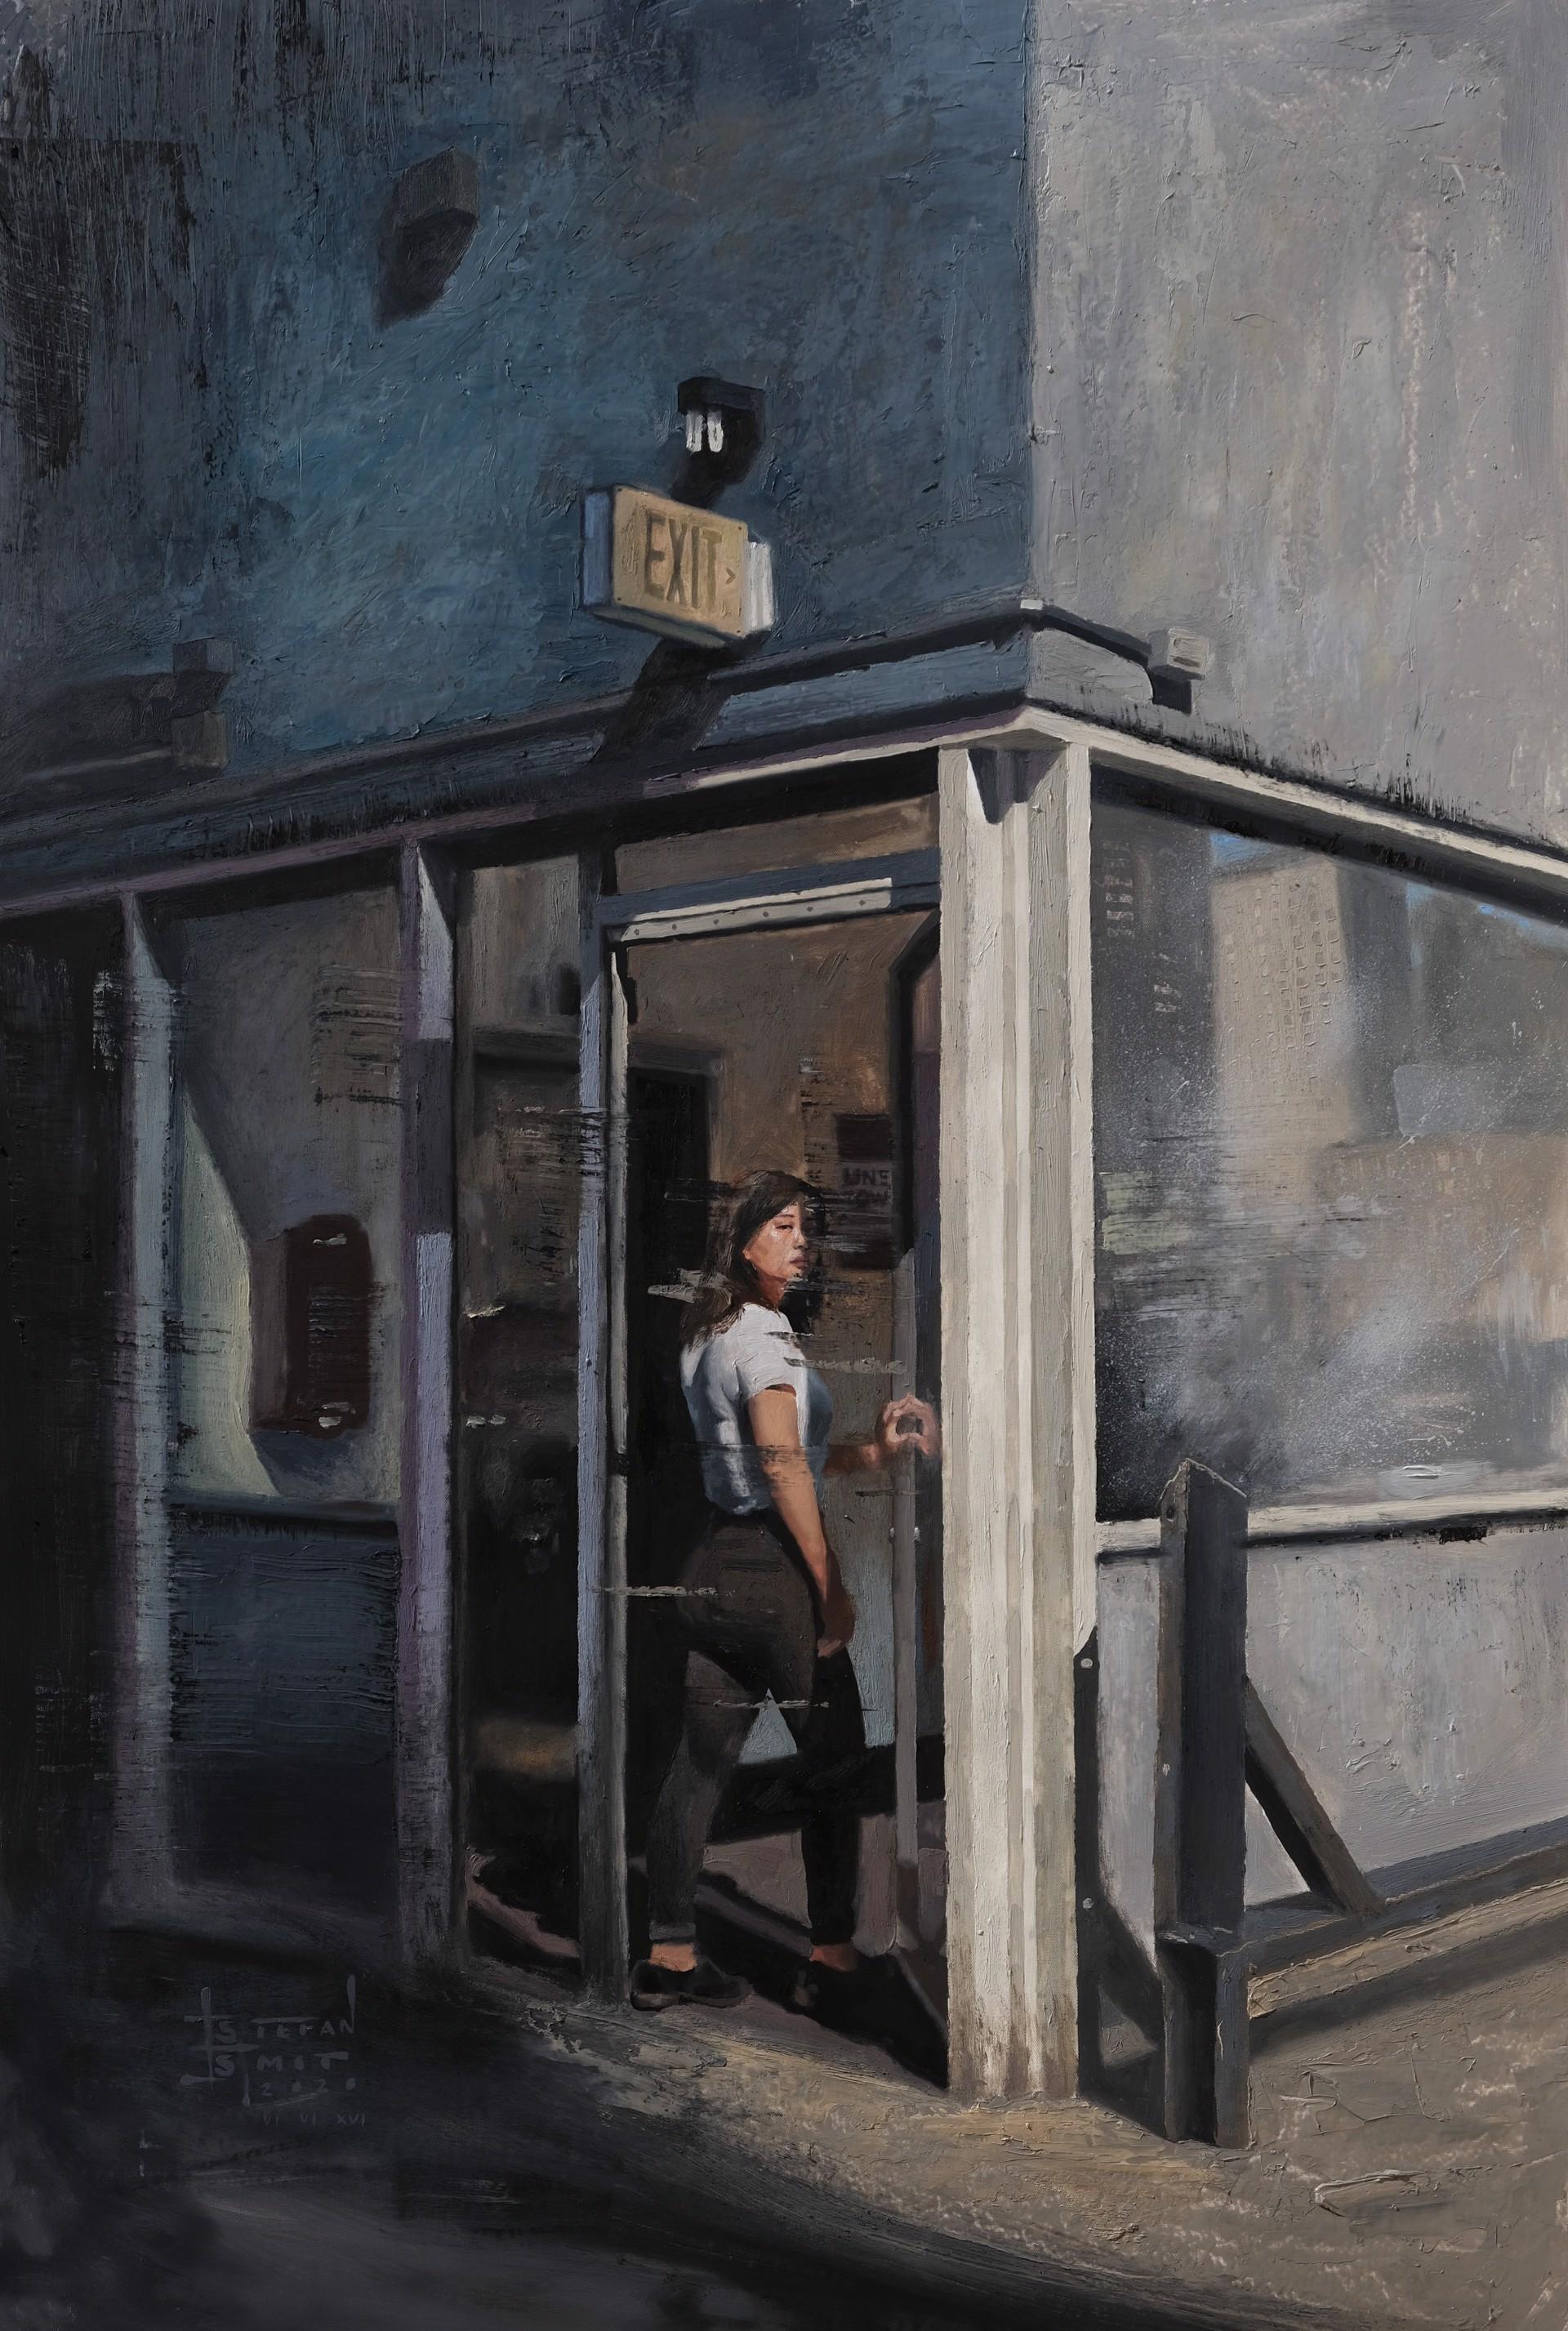 Exit  by Stefan Smit